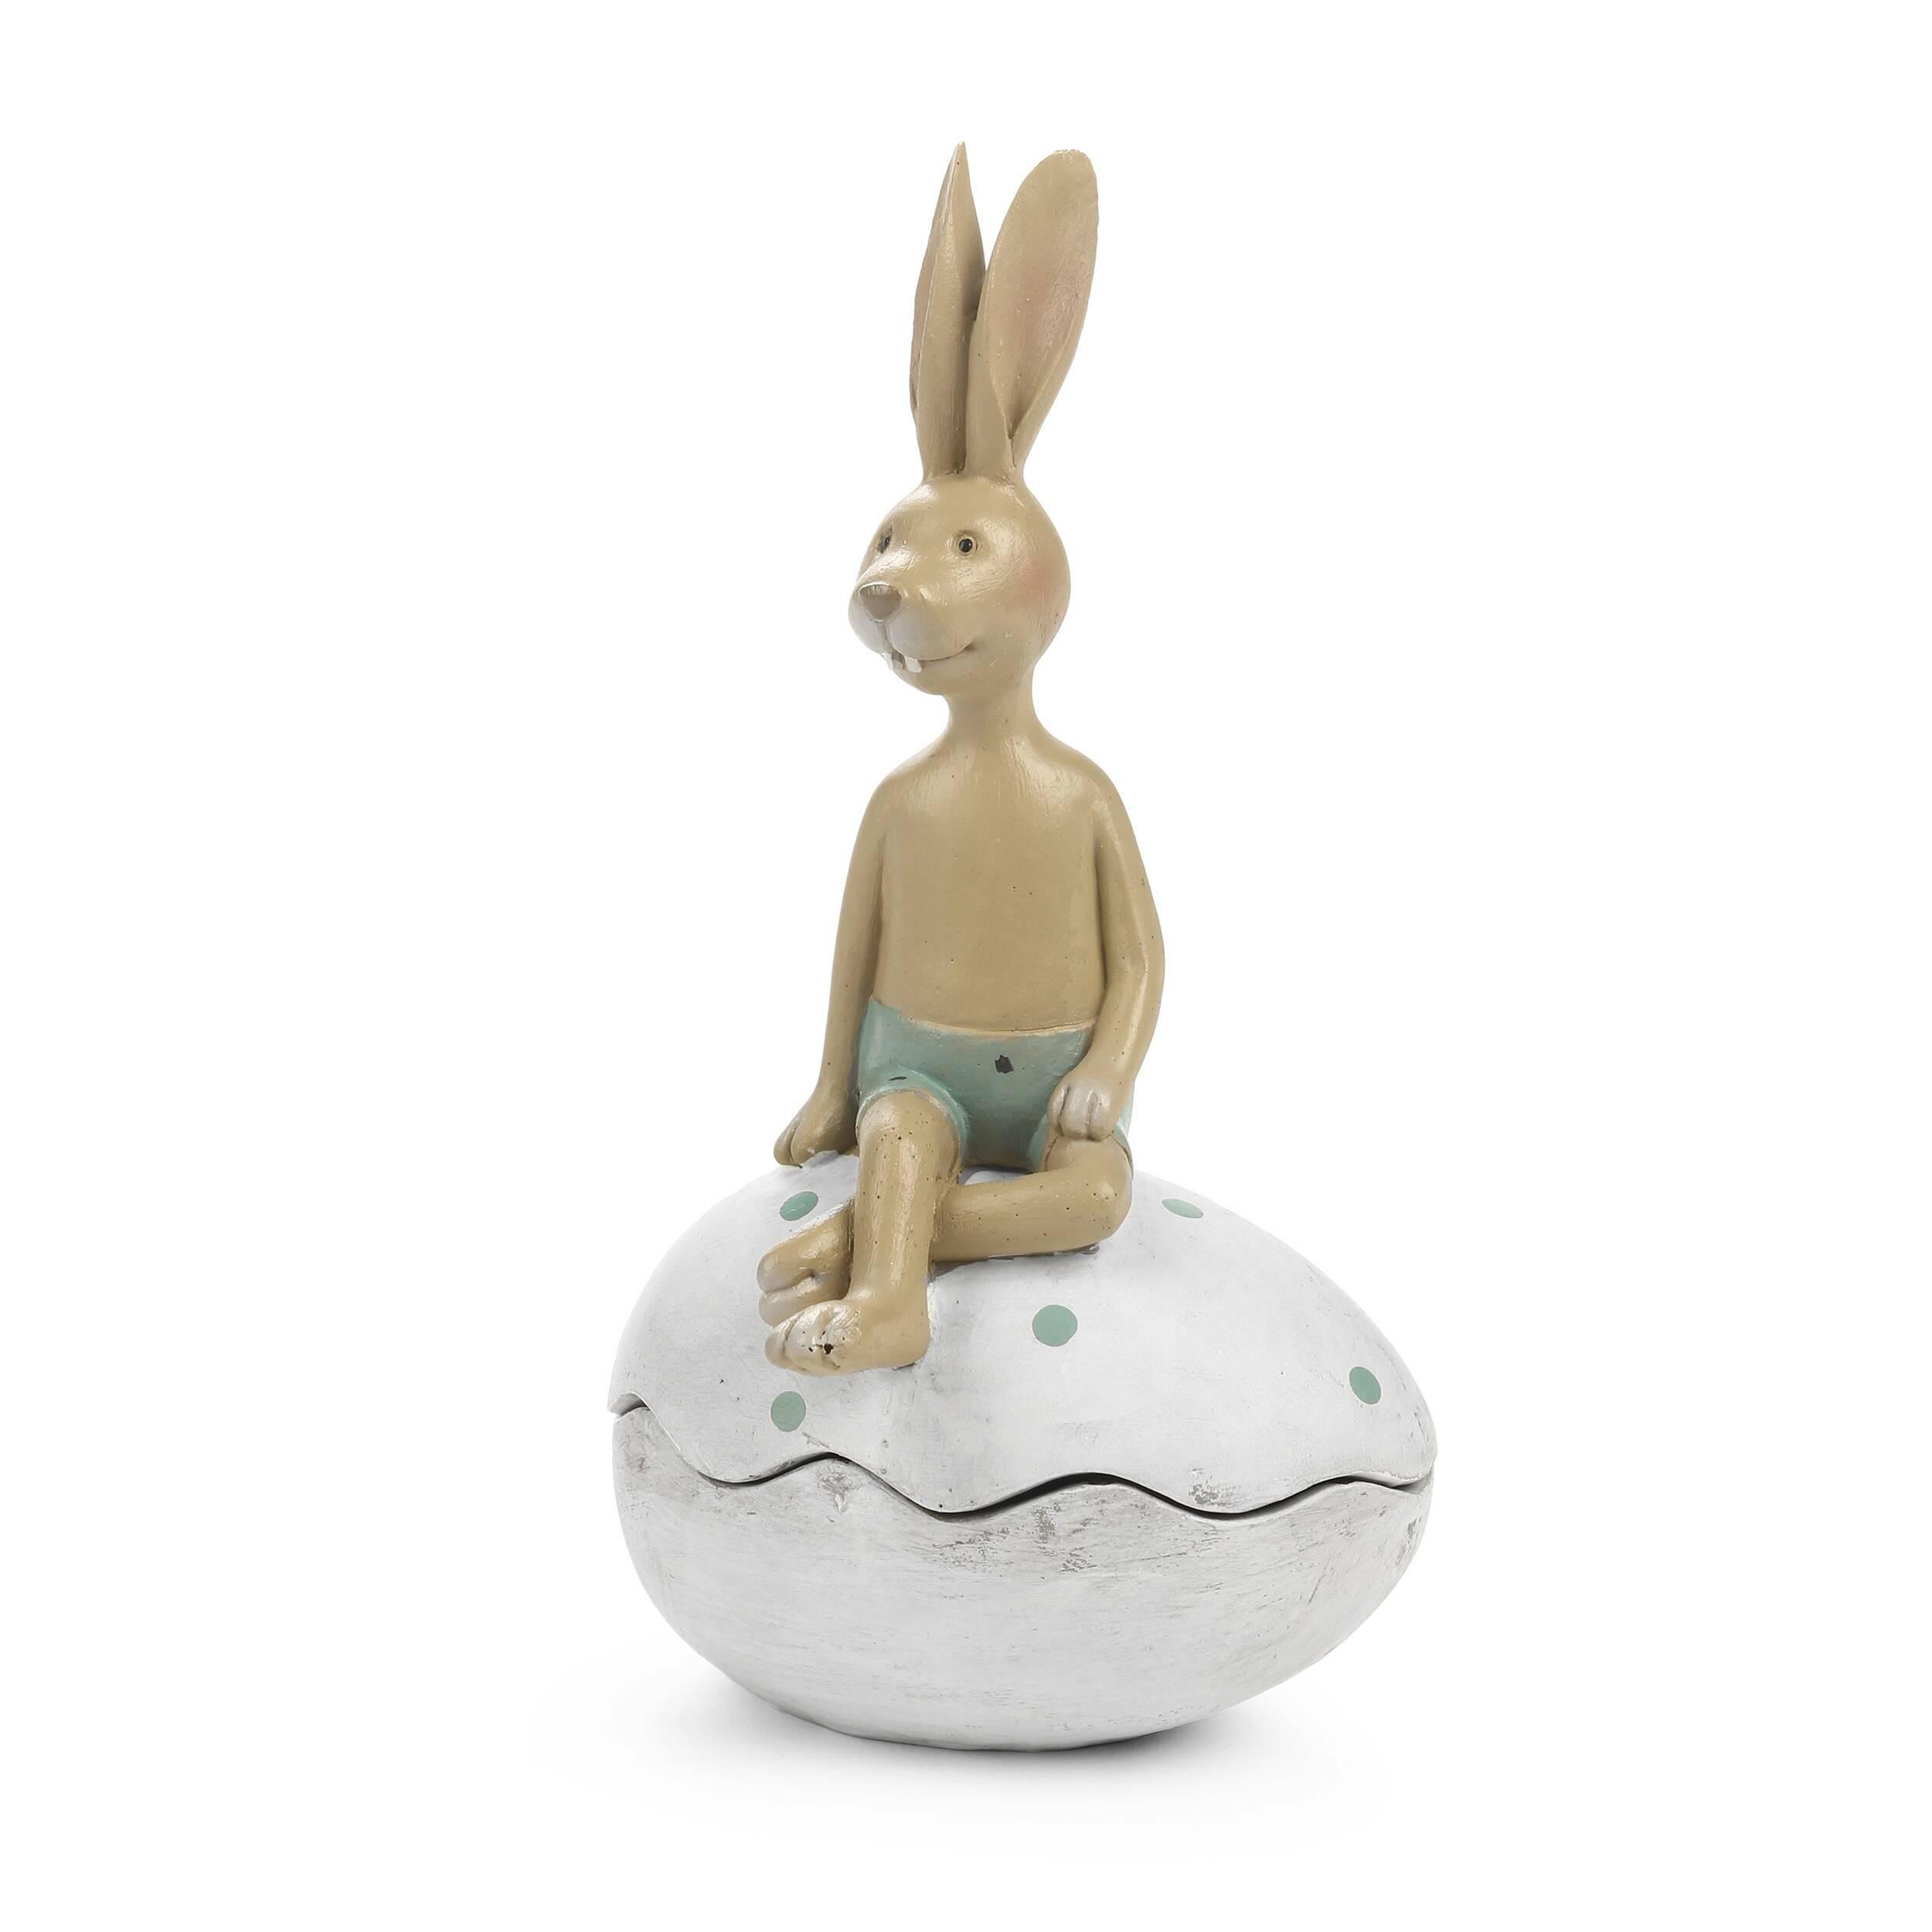 Статуэткa HareНастольные<br>Дизайнерская декоративная статуэтка Hare (Хар) в форме сидящего на ракушке зайца от Cosmo (Космо).<br>         Один из главных приемов создания уютного и привлекательного интерьера — это украшение его разнообразными декоративными элементами, такими как картины, мозаика, декоративная посуда и прочее. Декор должен хорошо сочетаться друг с другом, только в этом случае он поможет вам создать уютную и теплую домашнюю атмосферу.<br><br><br> Статуэтка Hare представляет собой двух прелестных зайчиков, уютно ...<br><br>stock: 2<br>Высота: 19<br>Ширина: 9,3<br>Материал: Смола<br>Цвет: Белый<br>Длина: 10,7<br>Цвет дополнительный: Розовый, зеленый